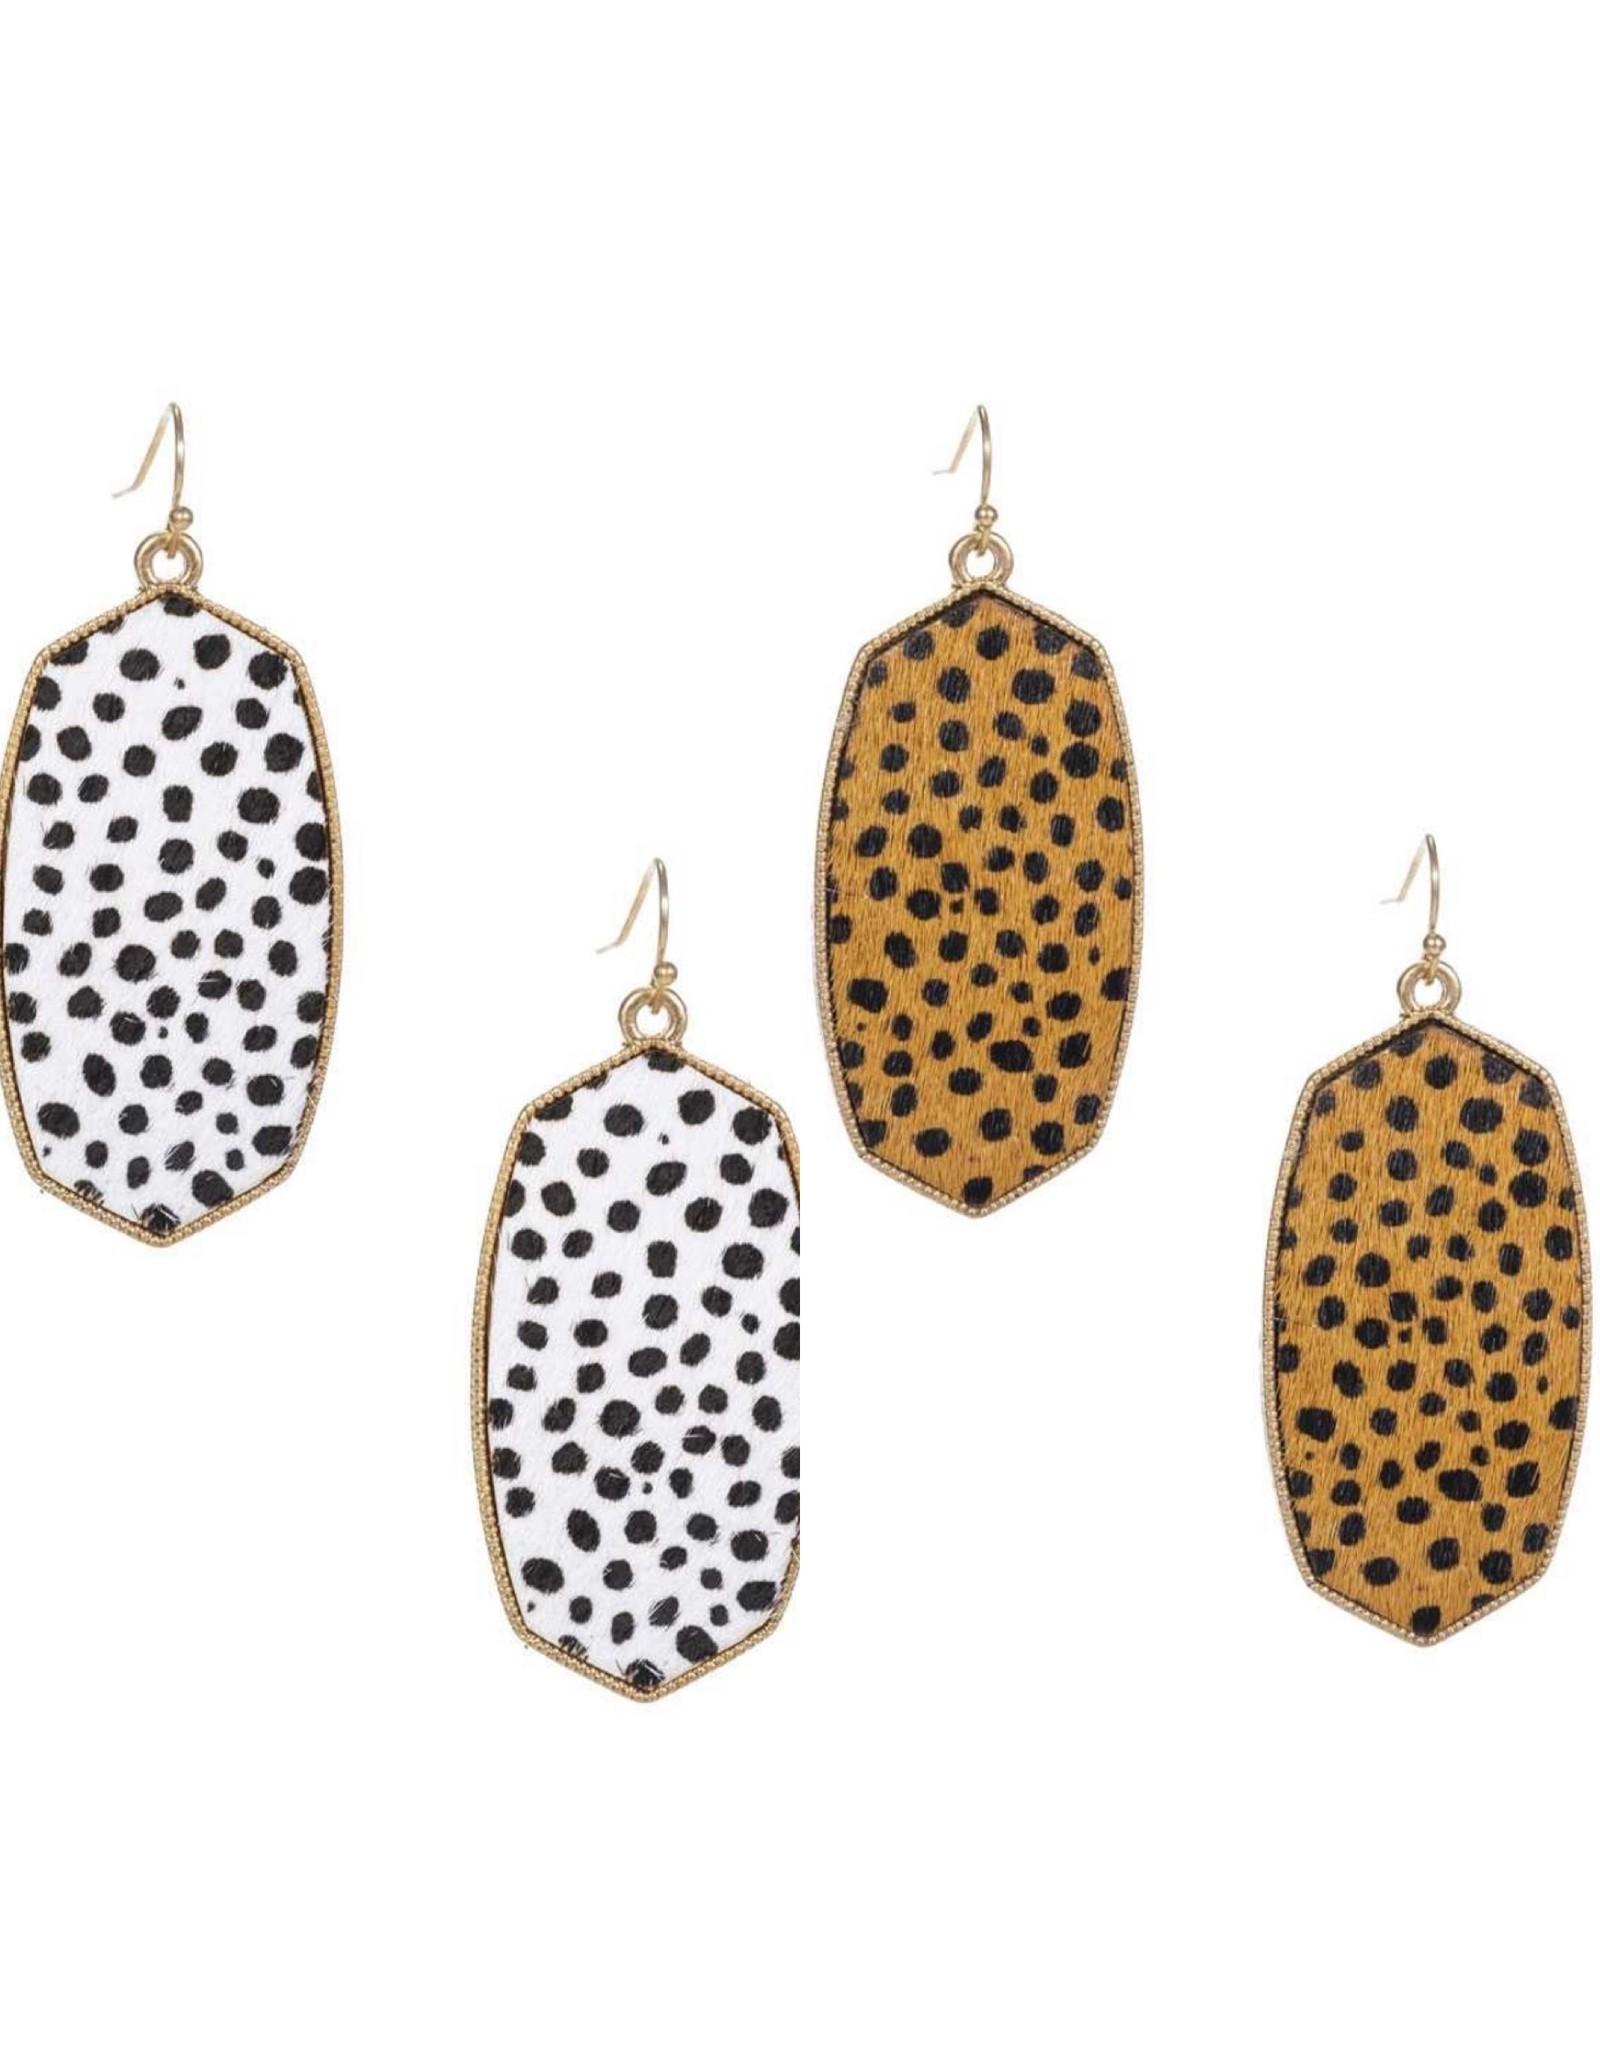 The Ritzy Gypsy OZZY Leopard Print Gold Earrings